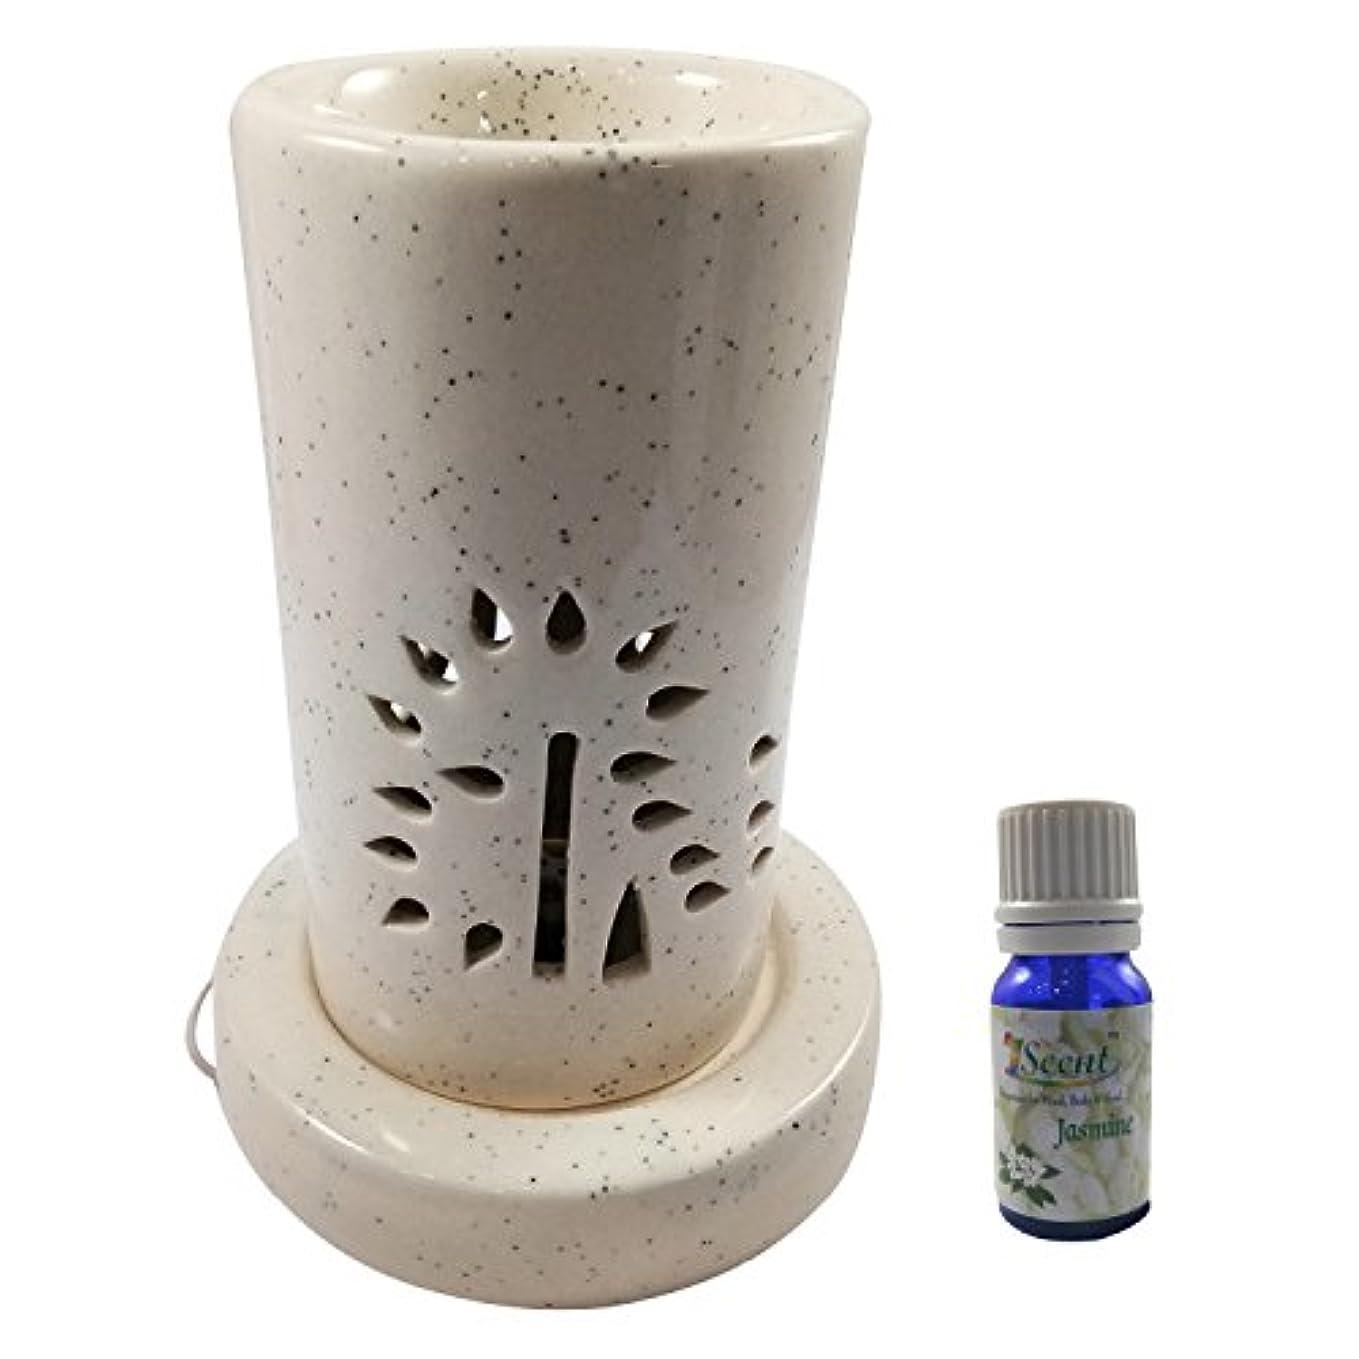 クッション小石カリキュラムホームデコレーション定期的に使用する汚染フリーハンドメイドセラミックエスニックサンダルウッドフレグランスオイルとアロマディフューザーオイルバーナー良質ブラウン色電気アロマテラピー香油暖かい数量1